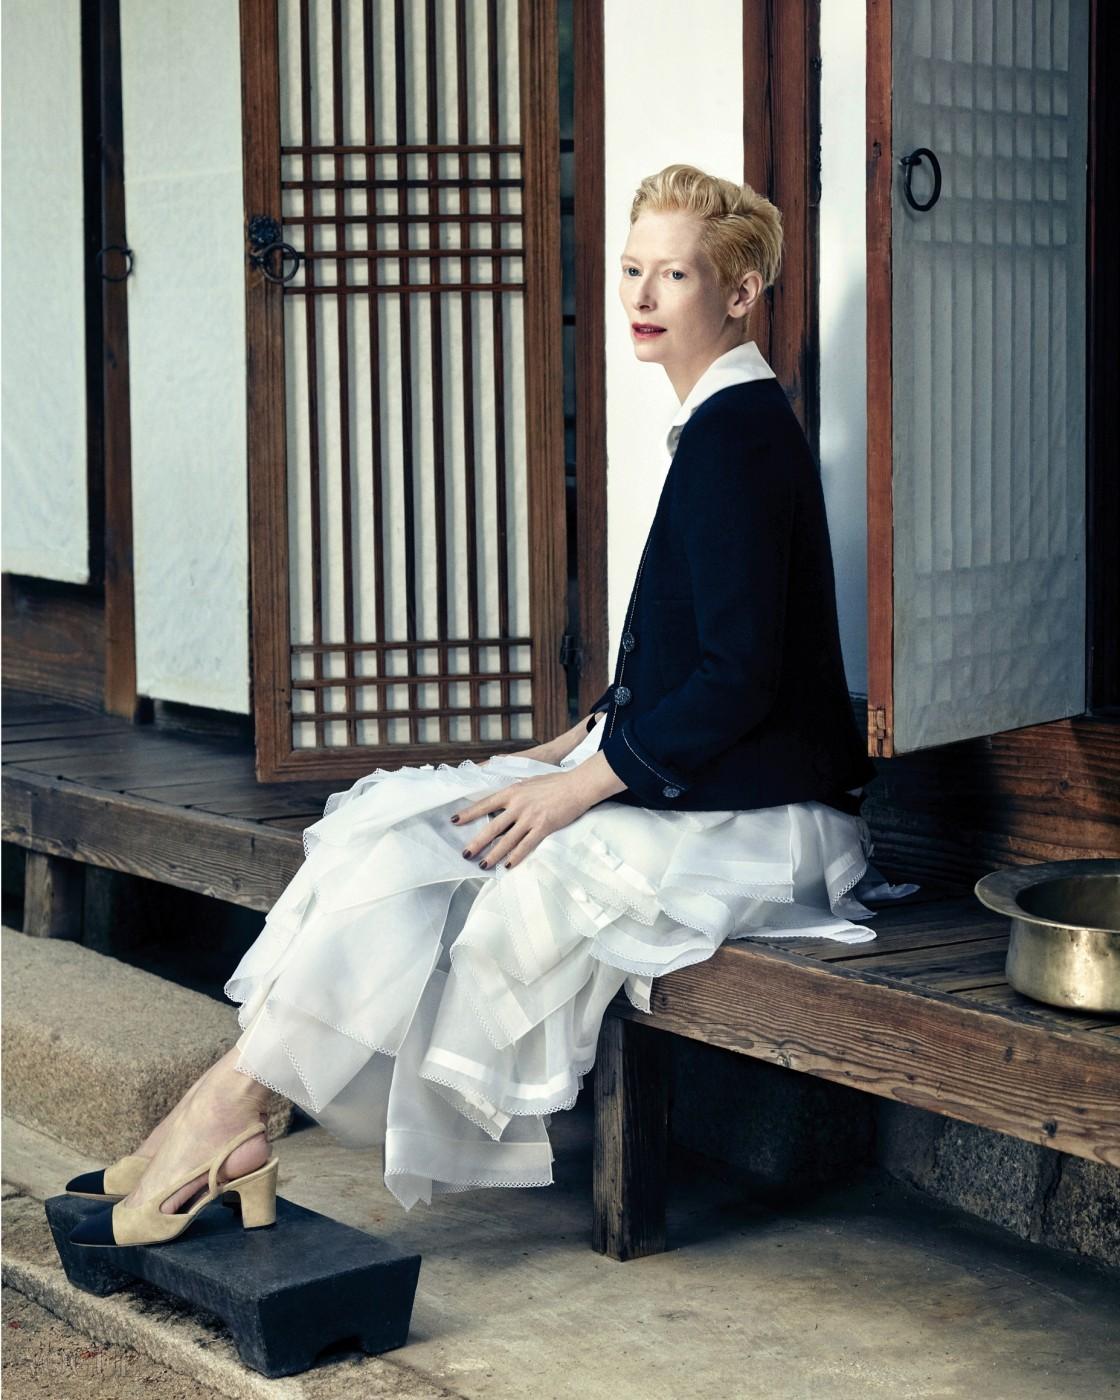 심플한 라인의 검정 트위드 재킷과 실크 블라우스, 에이프런 스타일의 러플 오간자 롱스커트는 샤넬(Chanel). 검정 다듬잇돌과 놋대야는 백옥수 한복(Baekoaksoo).